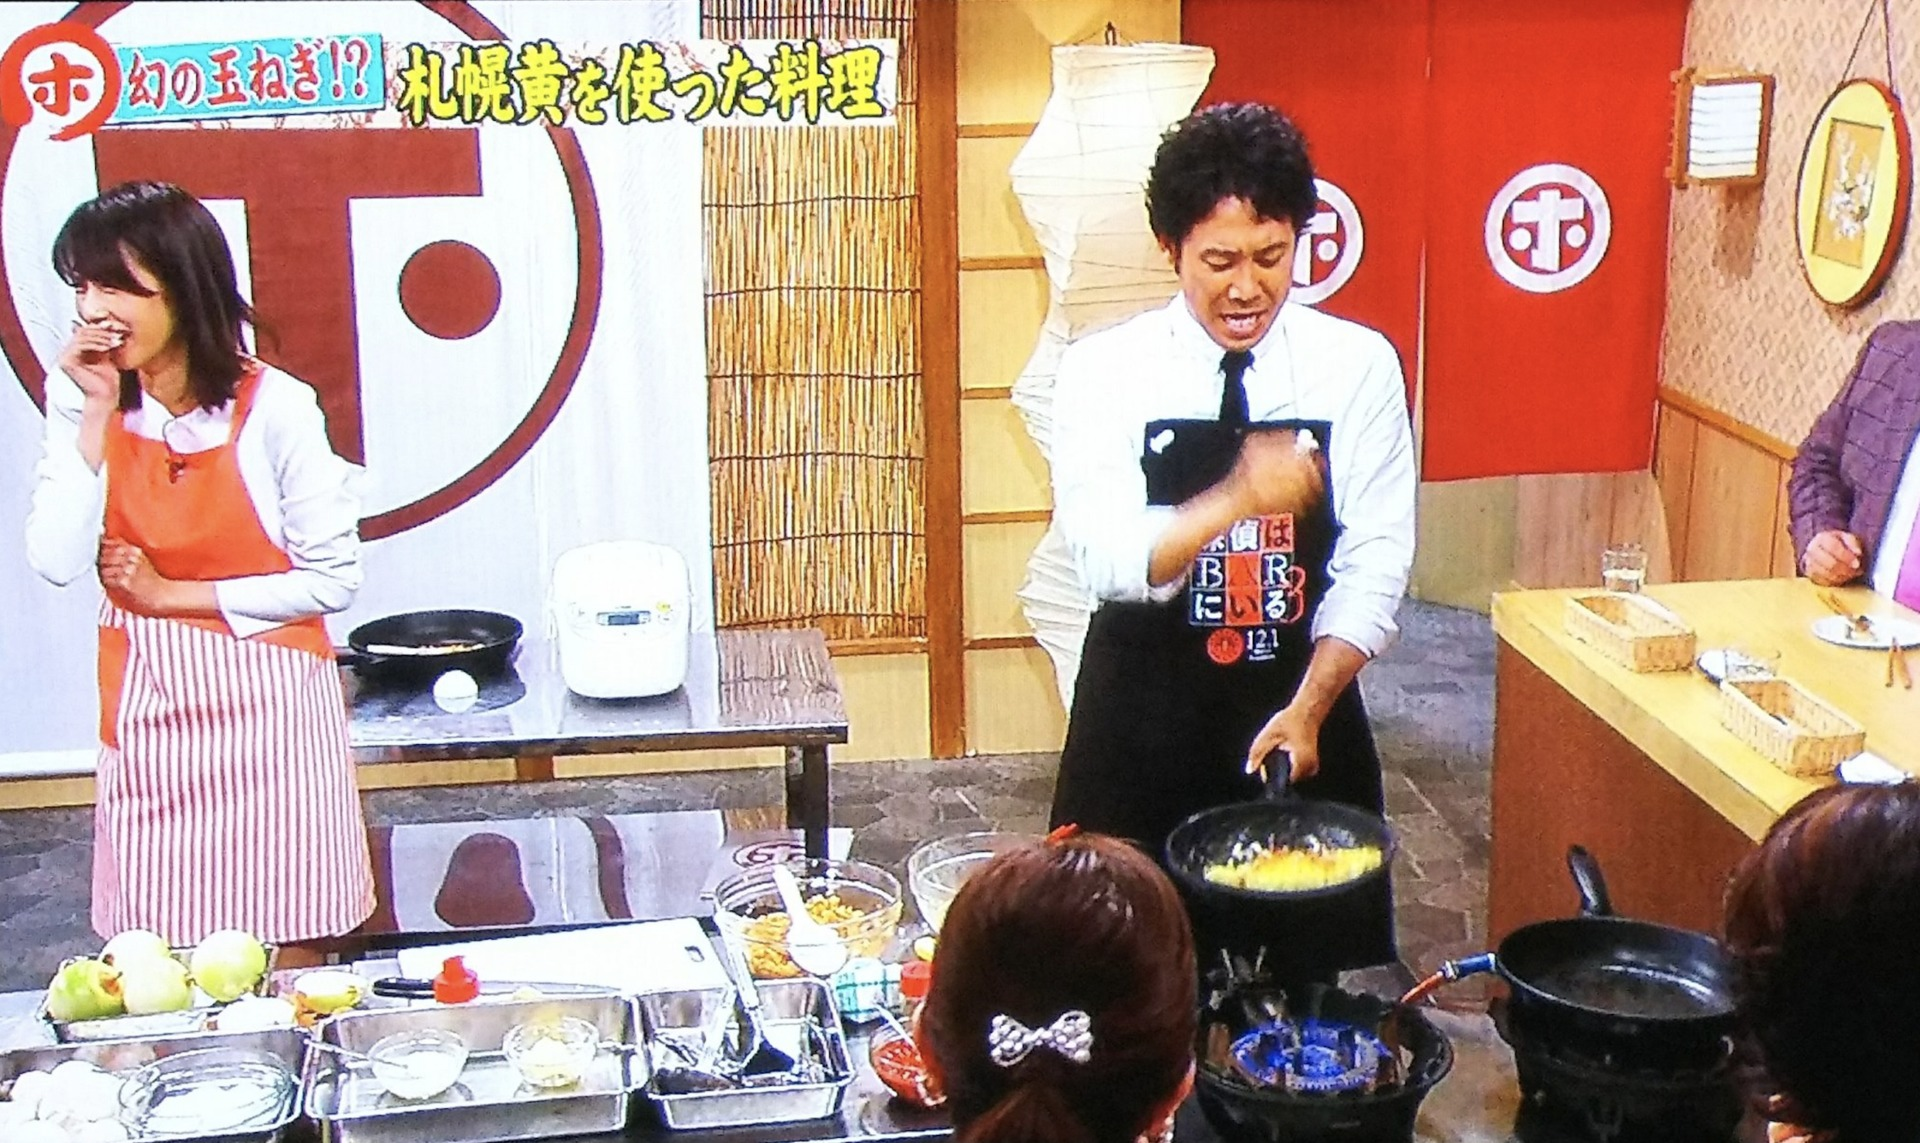 『ホンマでっか!?TV』の画像